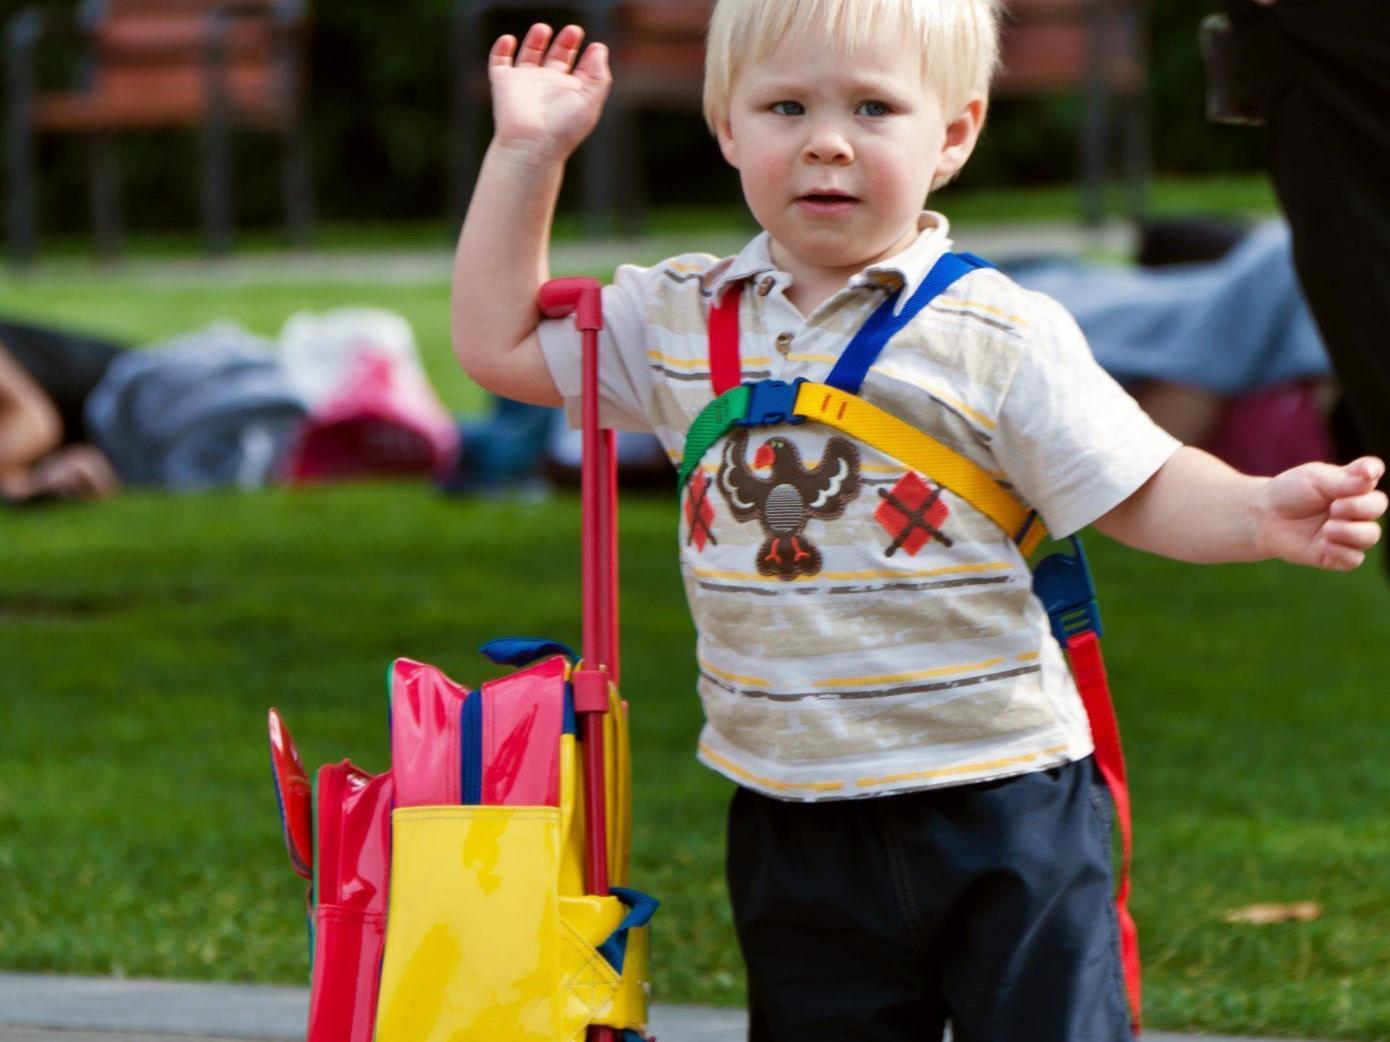 Ein Kleinkind wurde am Sonntag in Waldhausen von einem Auto niedergefahren und verletzt.